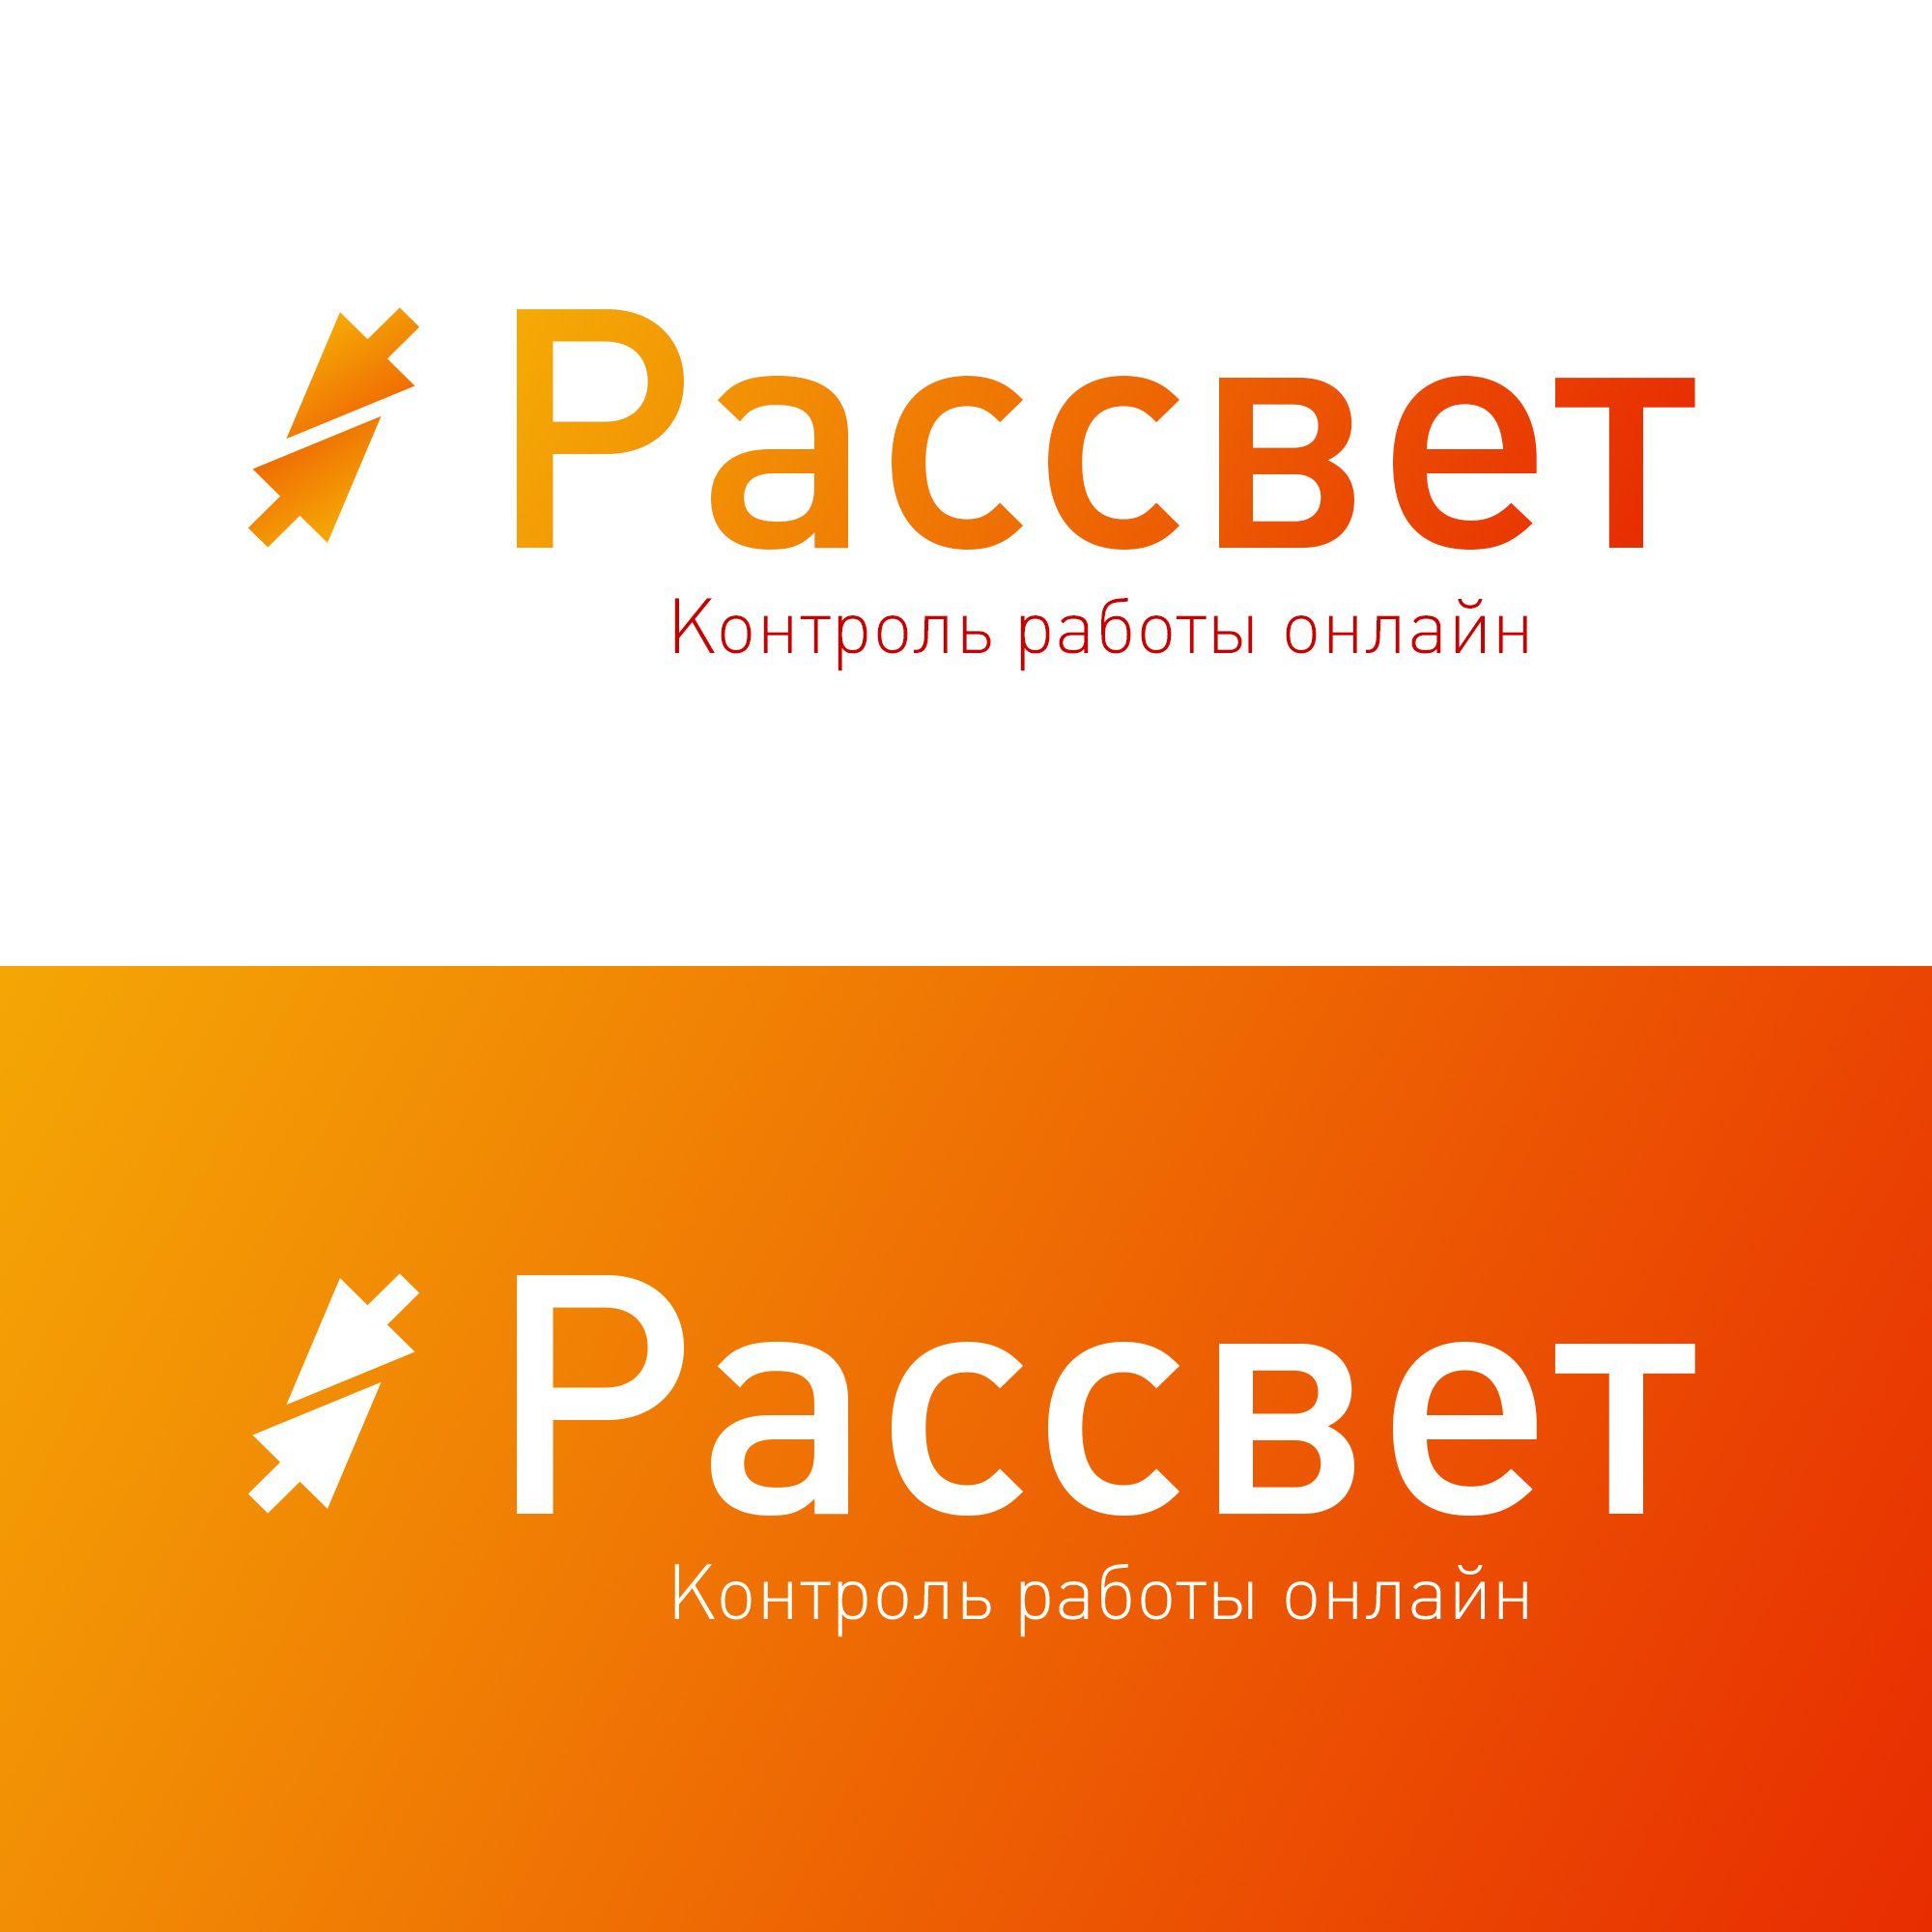 Лого и фирменный стиль для Рассвет - дизайнер Karleson37